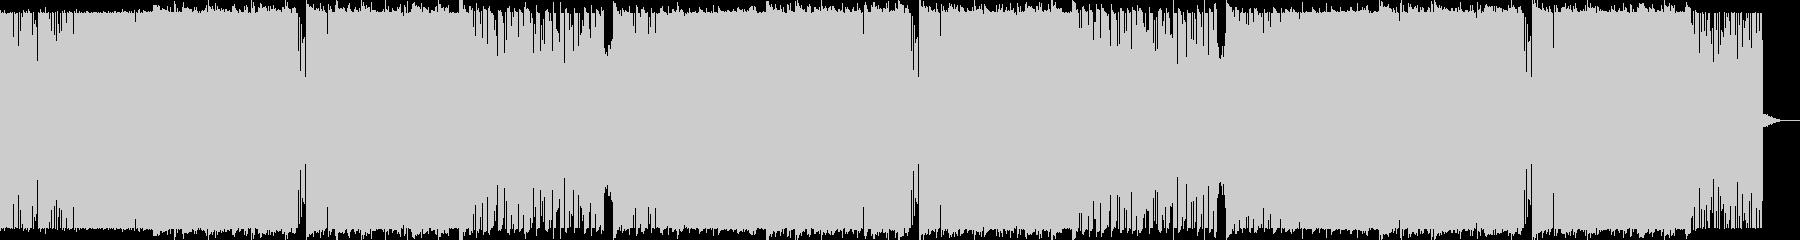 バトル系ゴリゴリDubstepメタルの未再生の波形